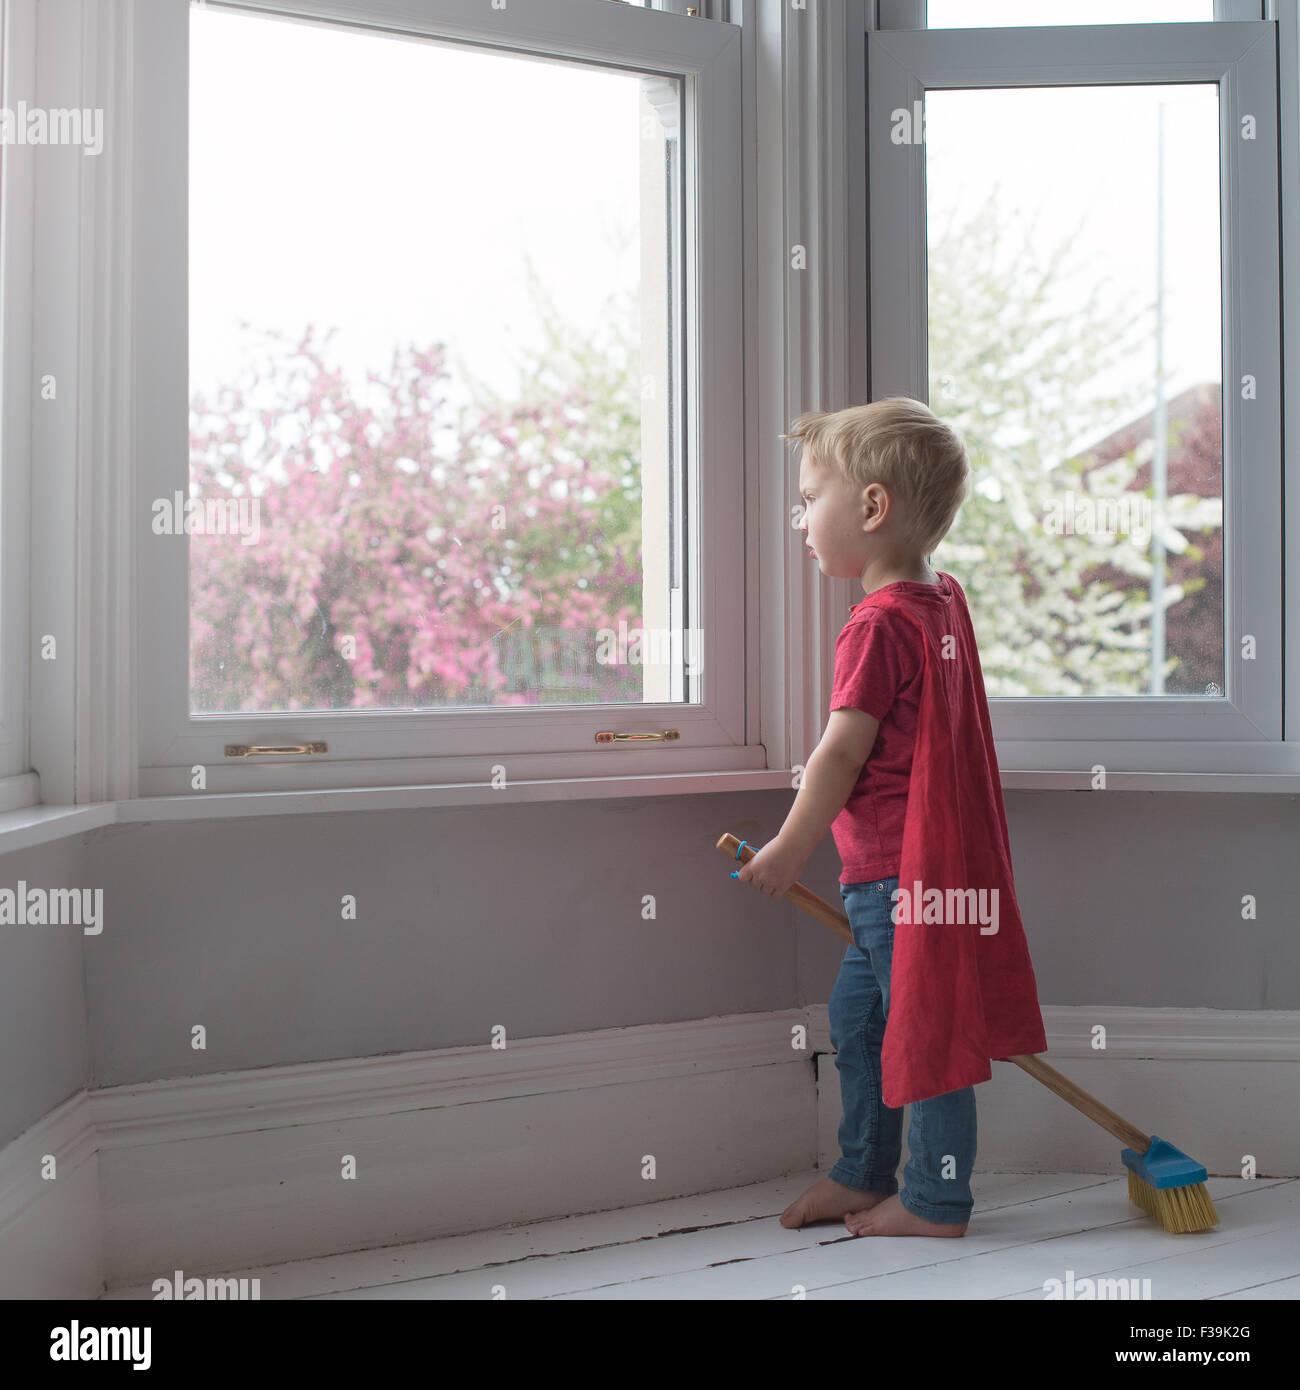 Ragazzo vestito come supereroe, guardando attraverso la finestra Immagini Stock